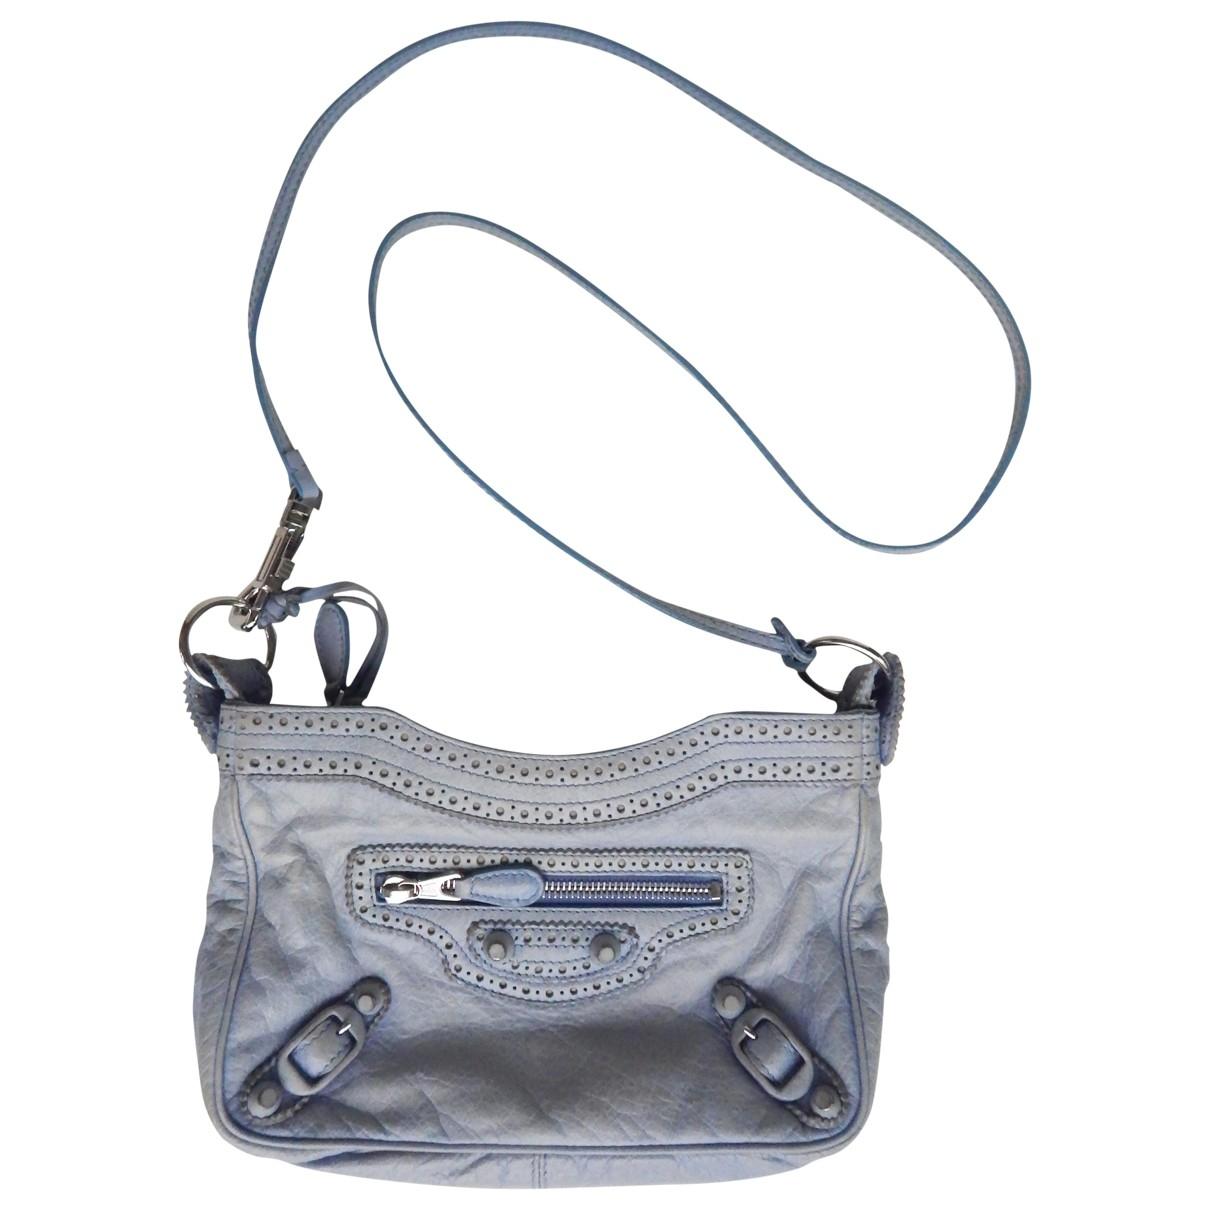 Balenciaga \N Blue Leather Clutch bag for Women \N